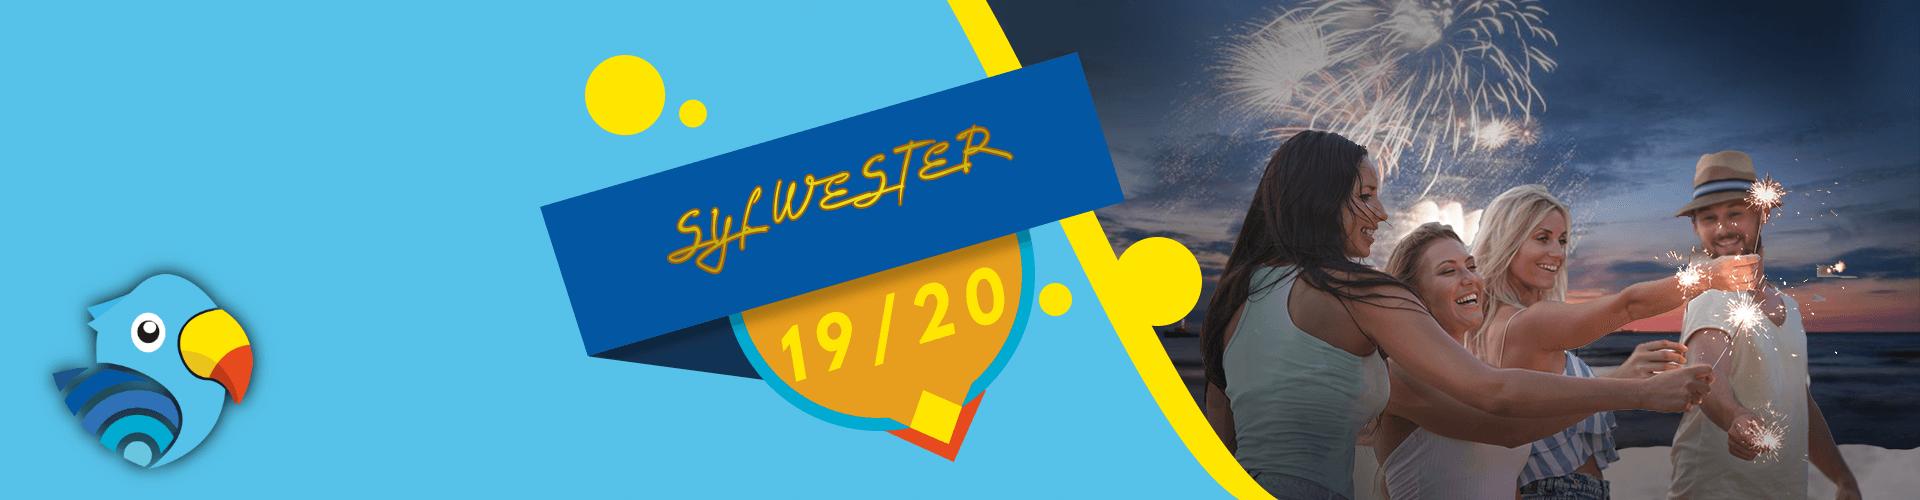 Silvester2020